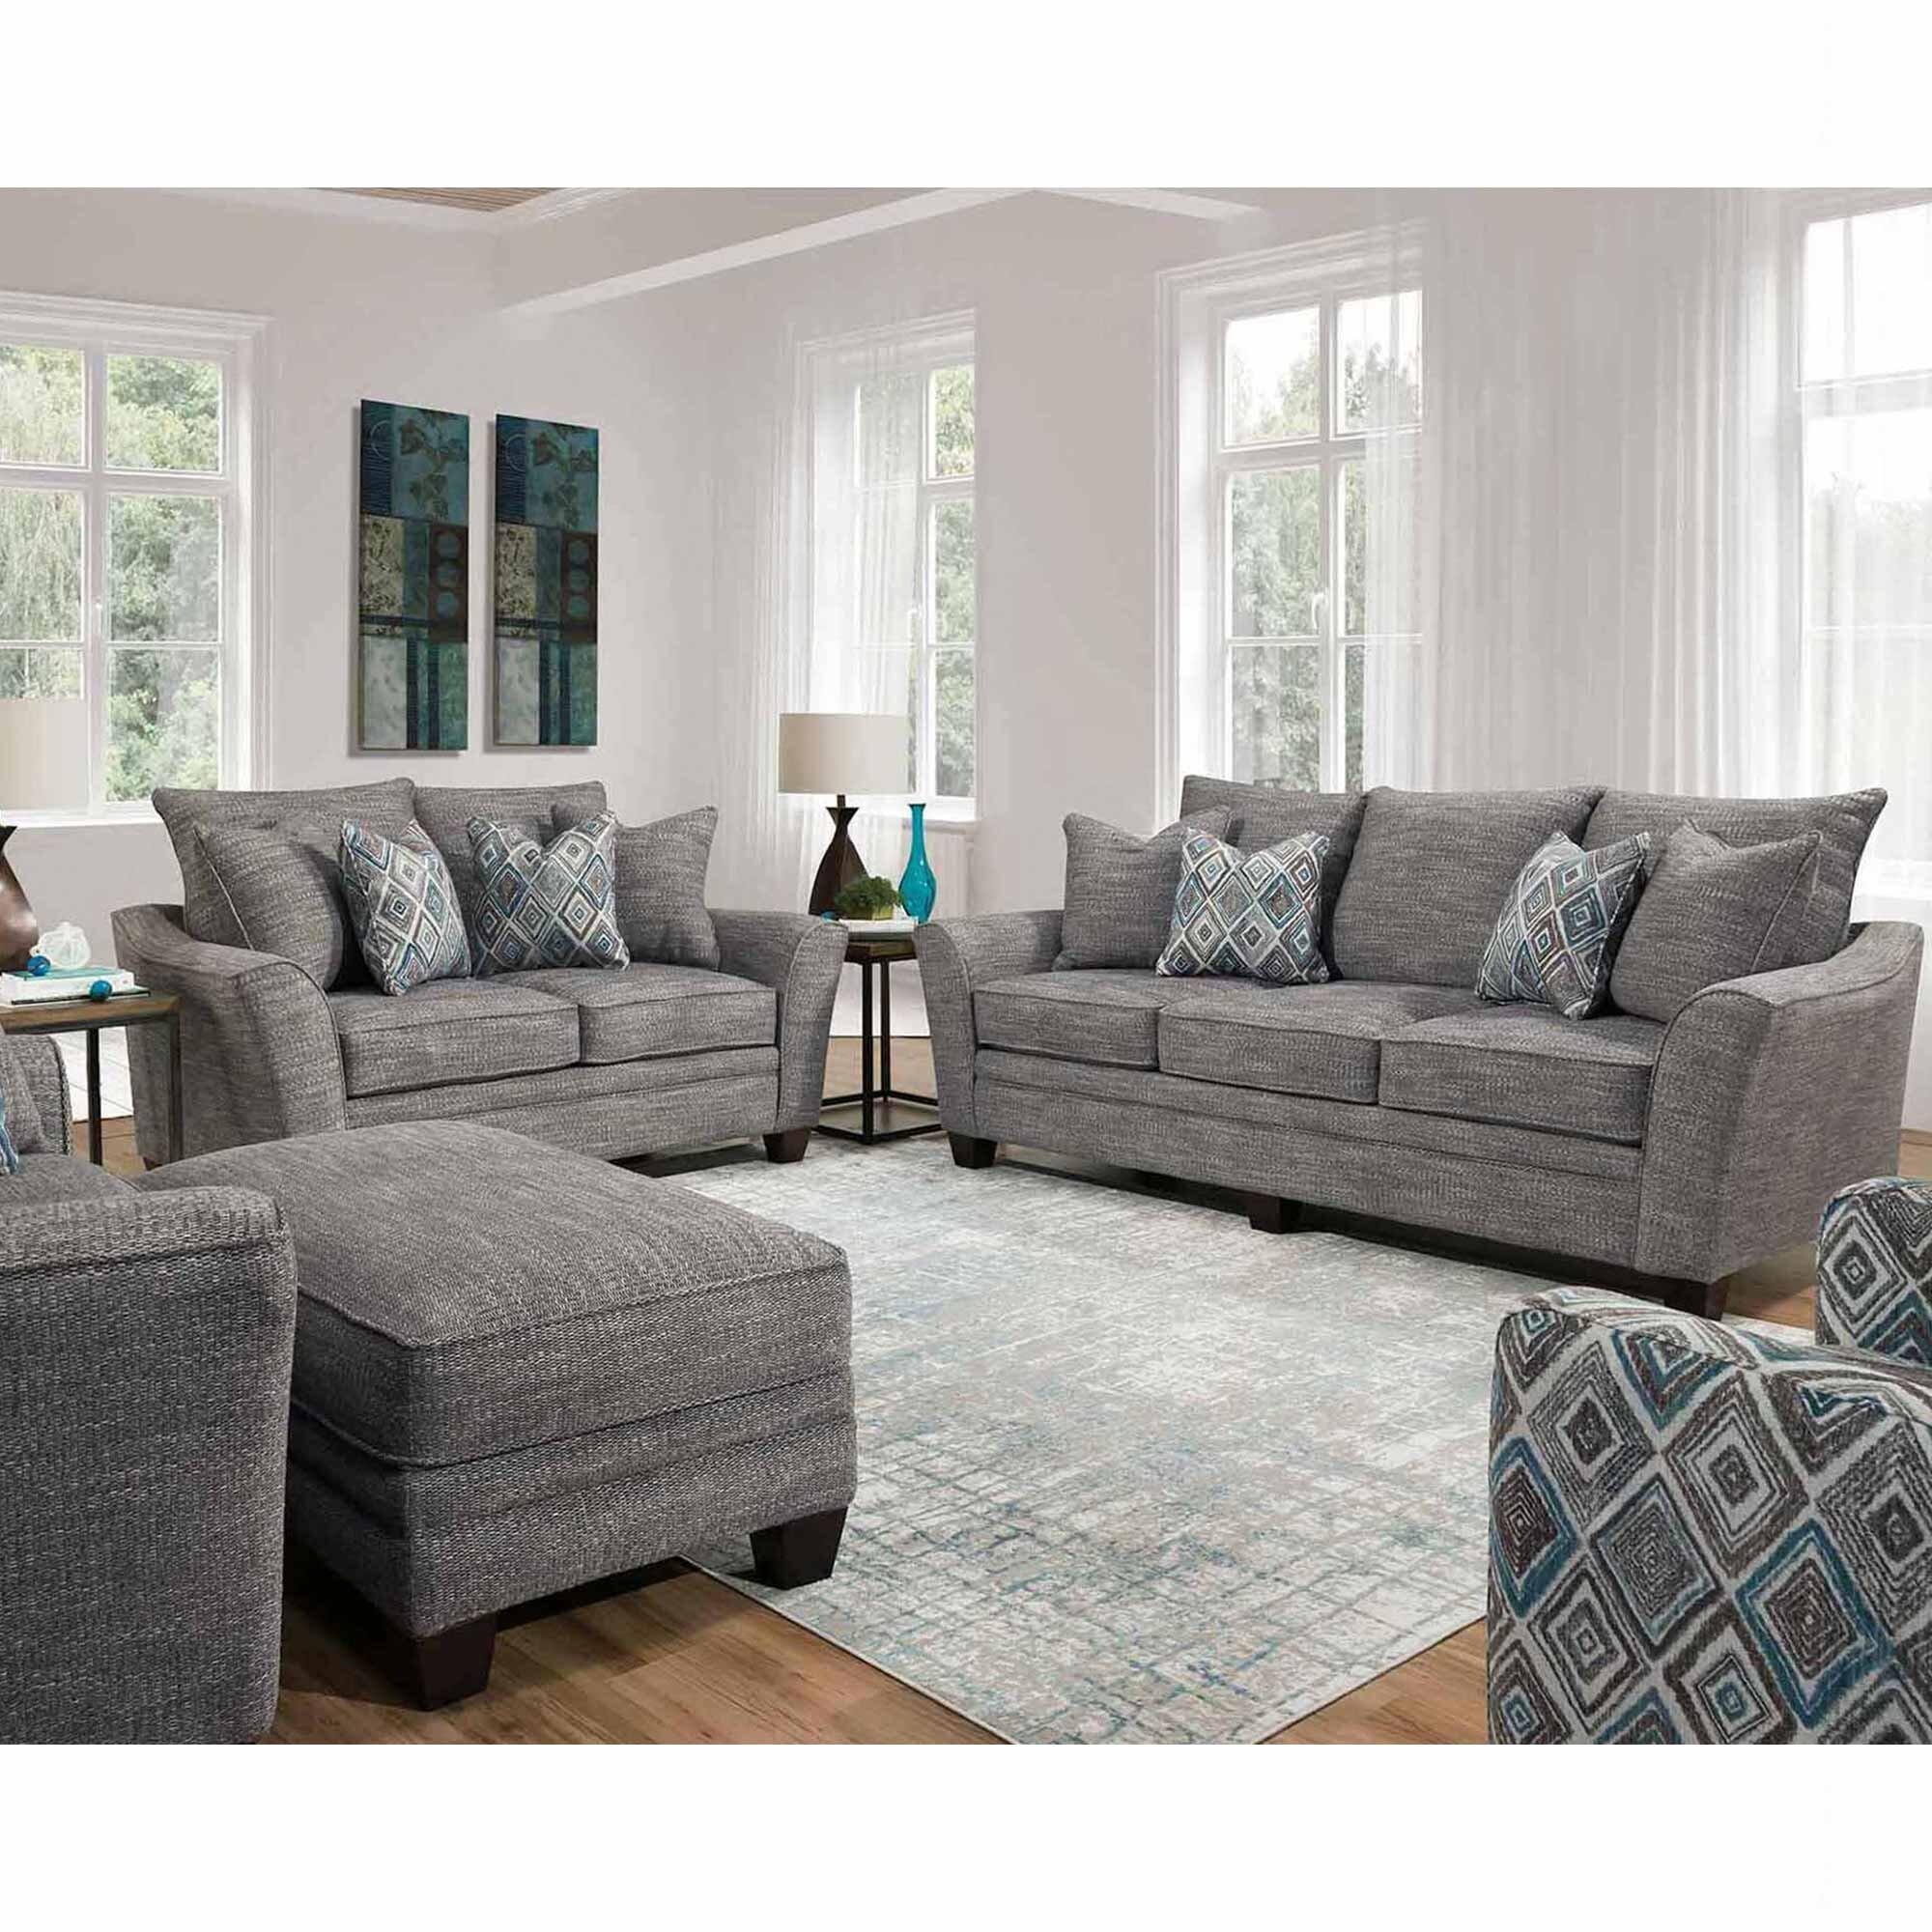 Red Barrel Studio Joeseline Configurable Living Room Set Wayfair